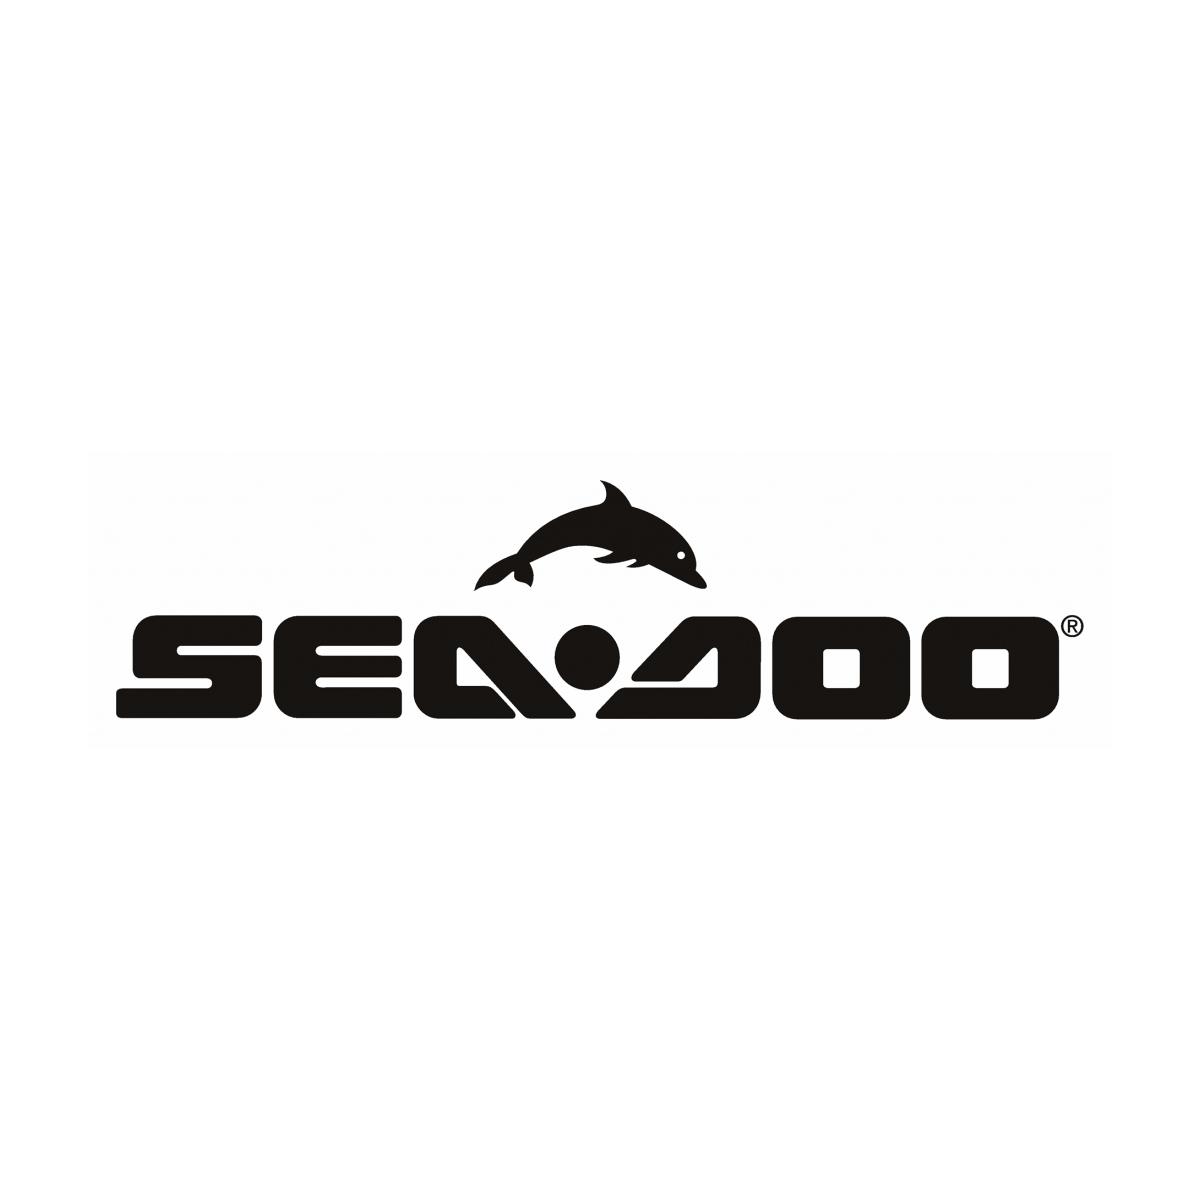 Corda Retratil Sea Doo (Plataforma)  - Radical Peças - Peças para Jet Ski